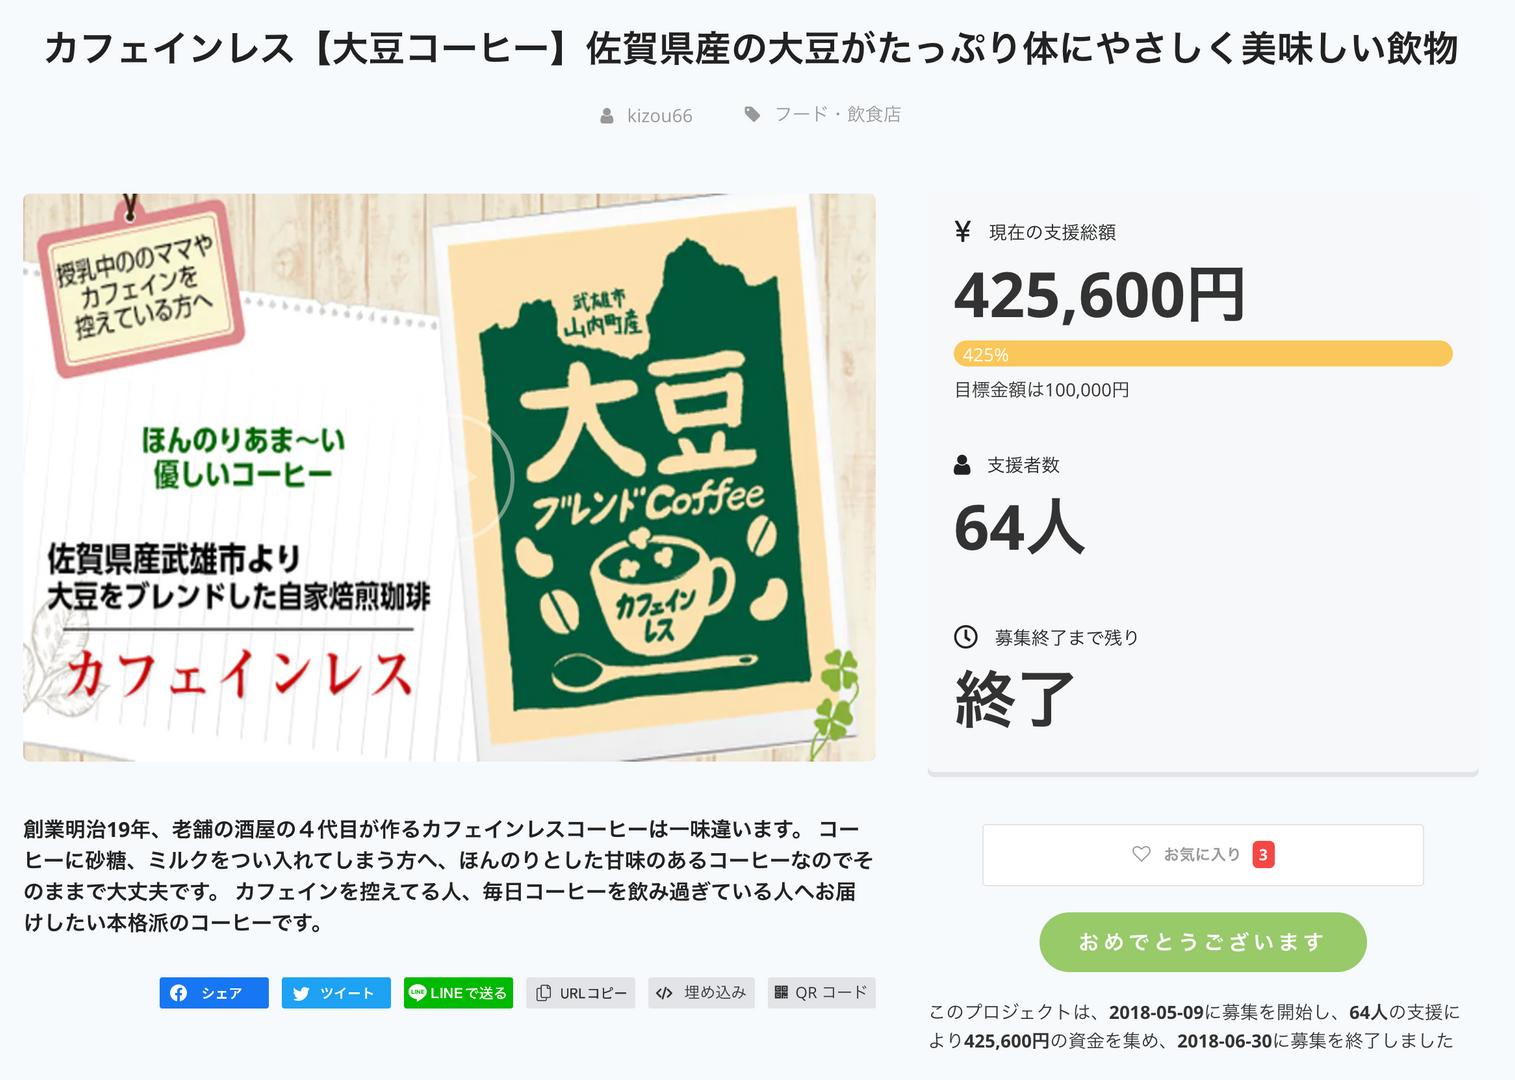 カフェインレス【大豆コーヒー】 佐賀県産の大豆がたっぷり 体にやさしく美味しい飲物